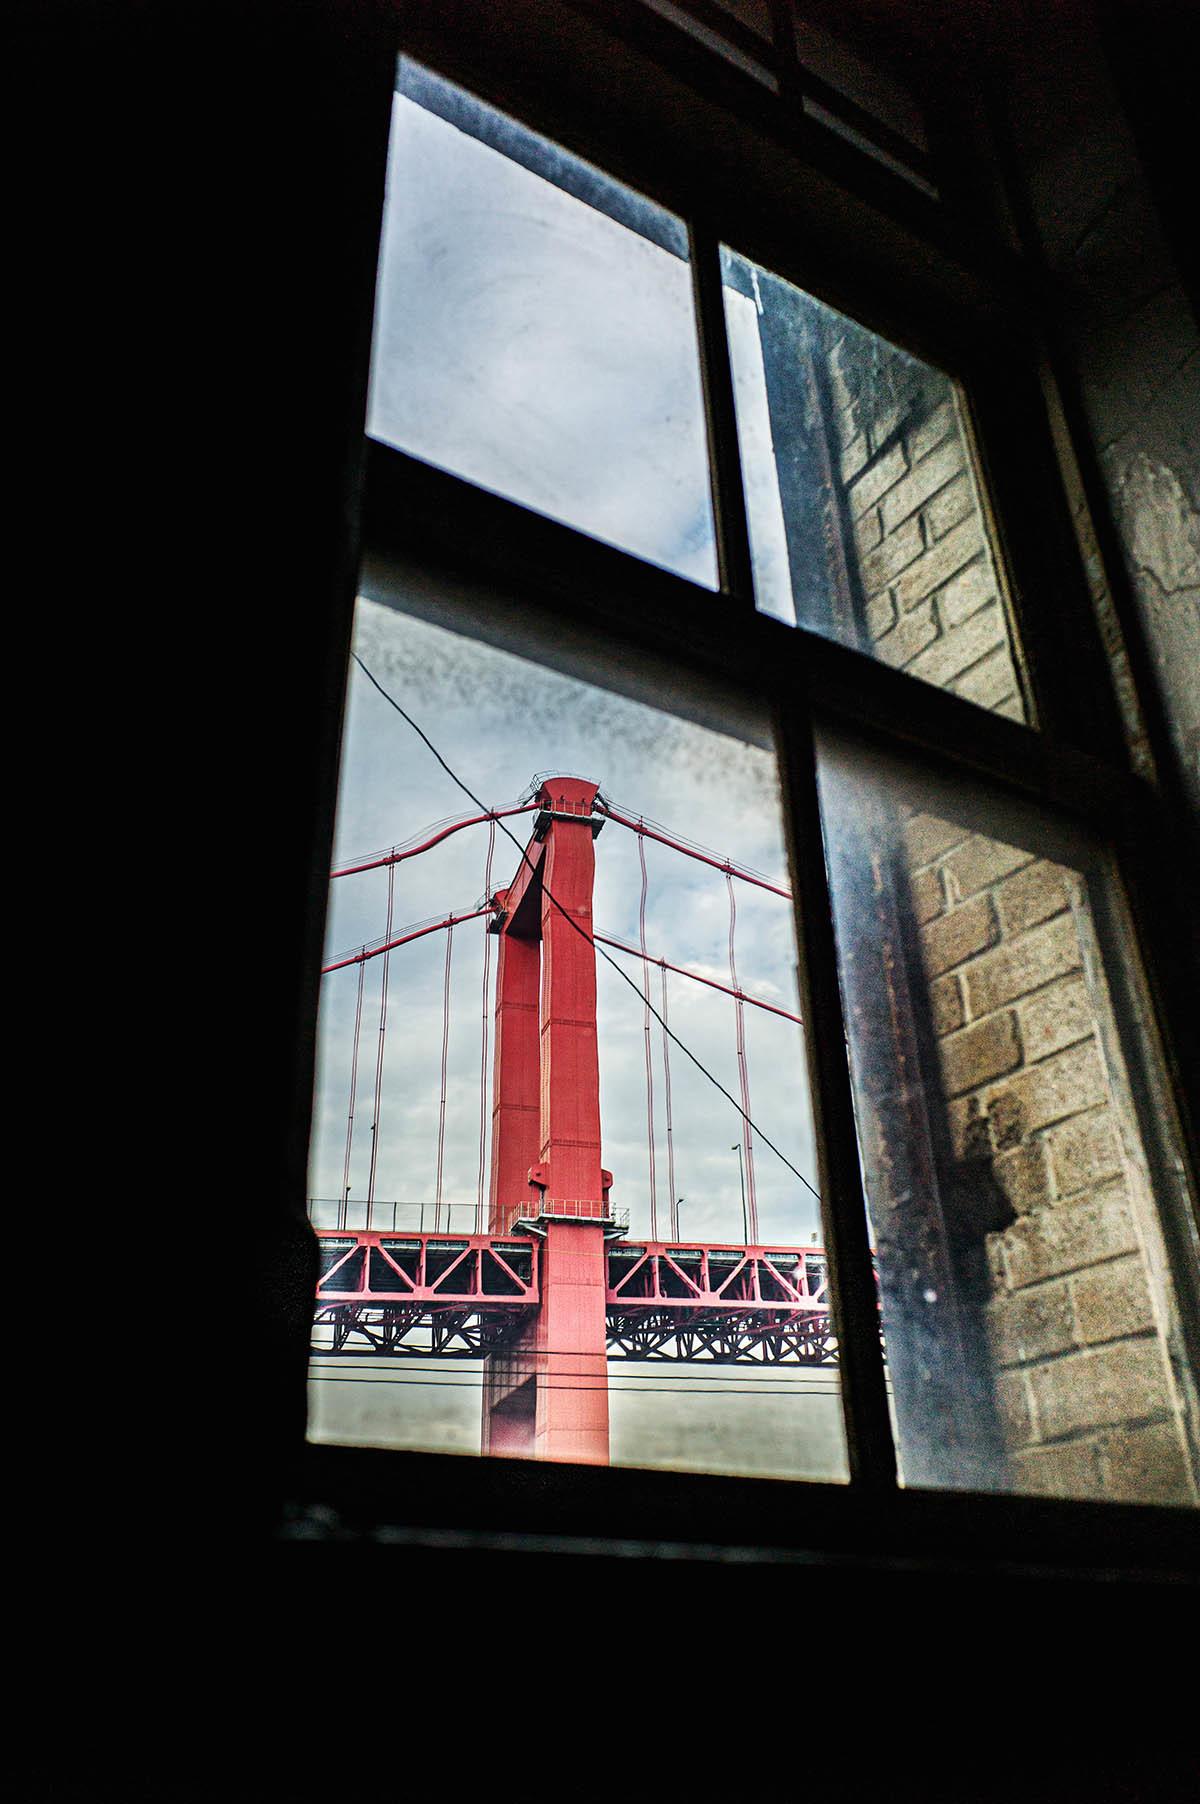 若戸大橋の写真が入賞しました_c0028861_18090978.jpg